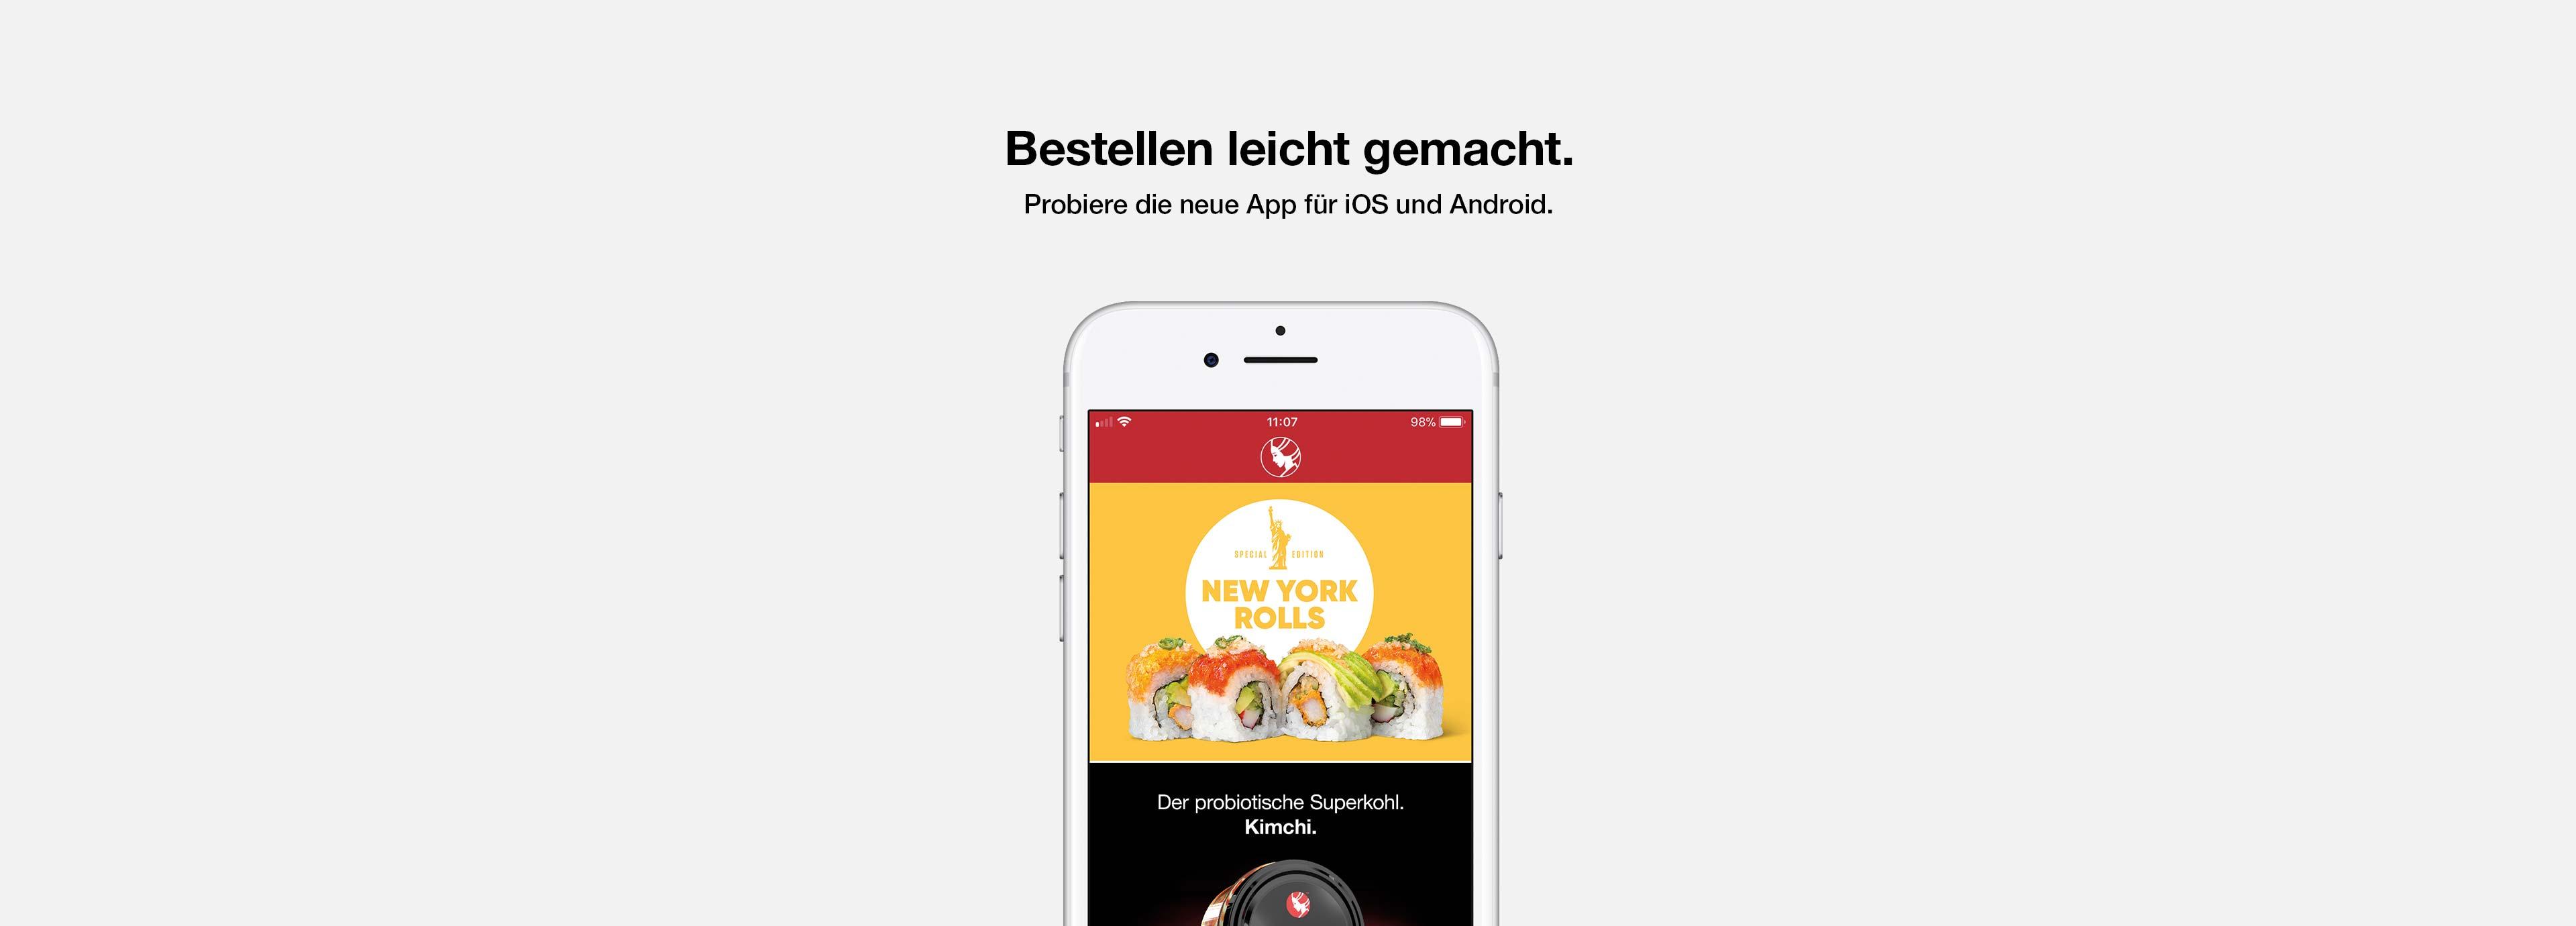 Bestellen leicht gemacht - Probiere die neue App für iOS und Android